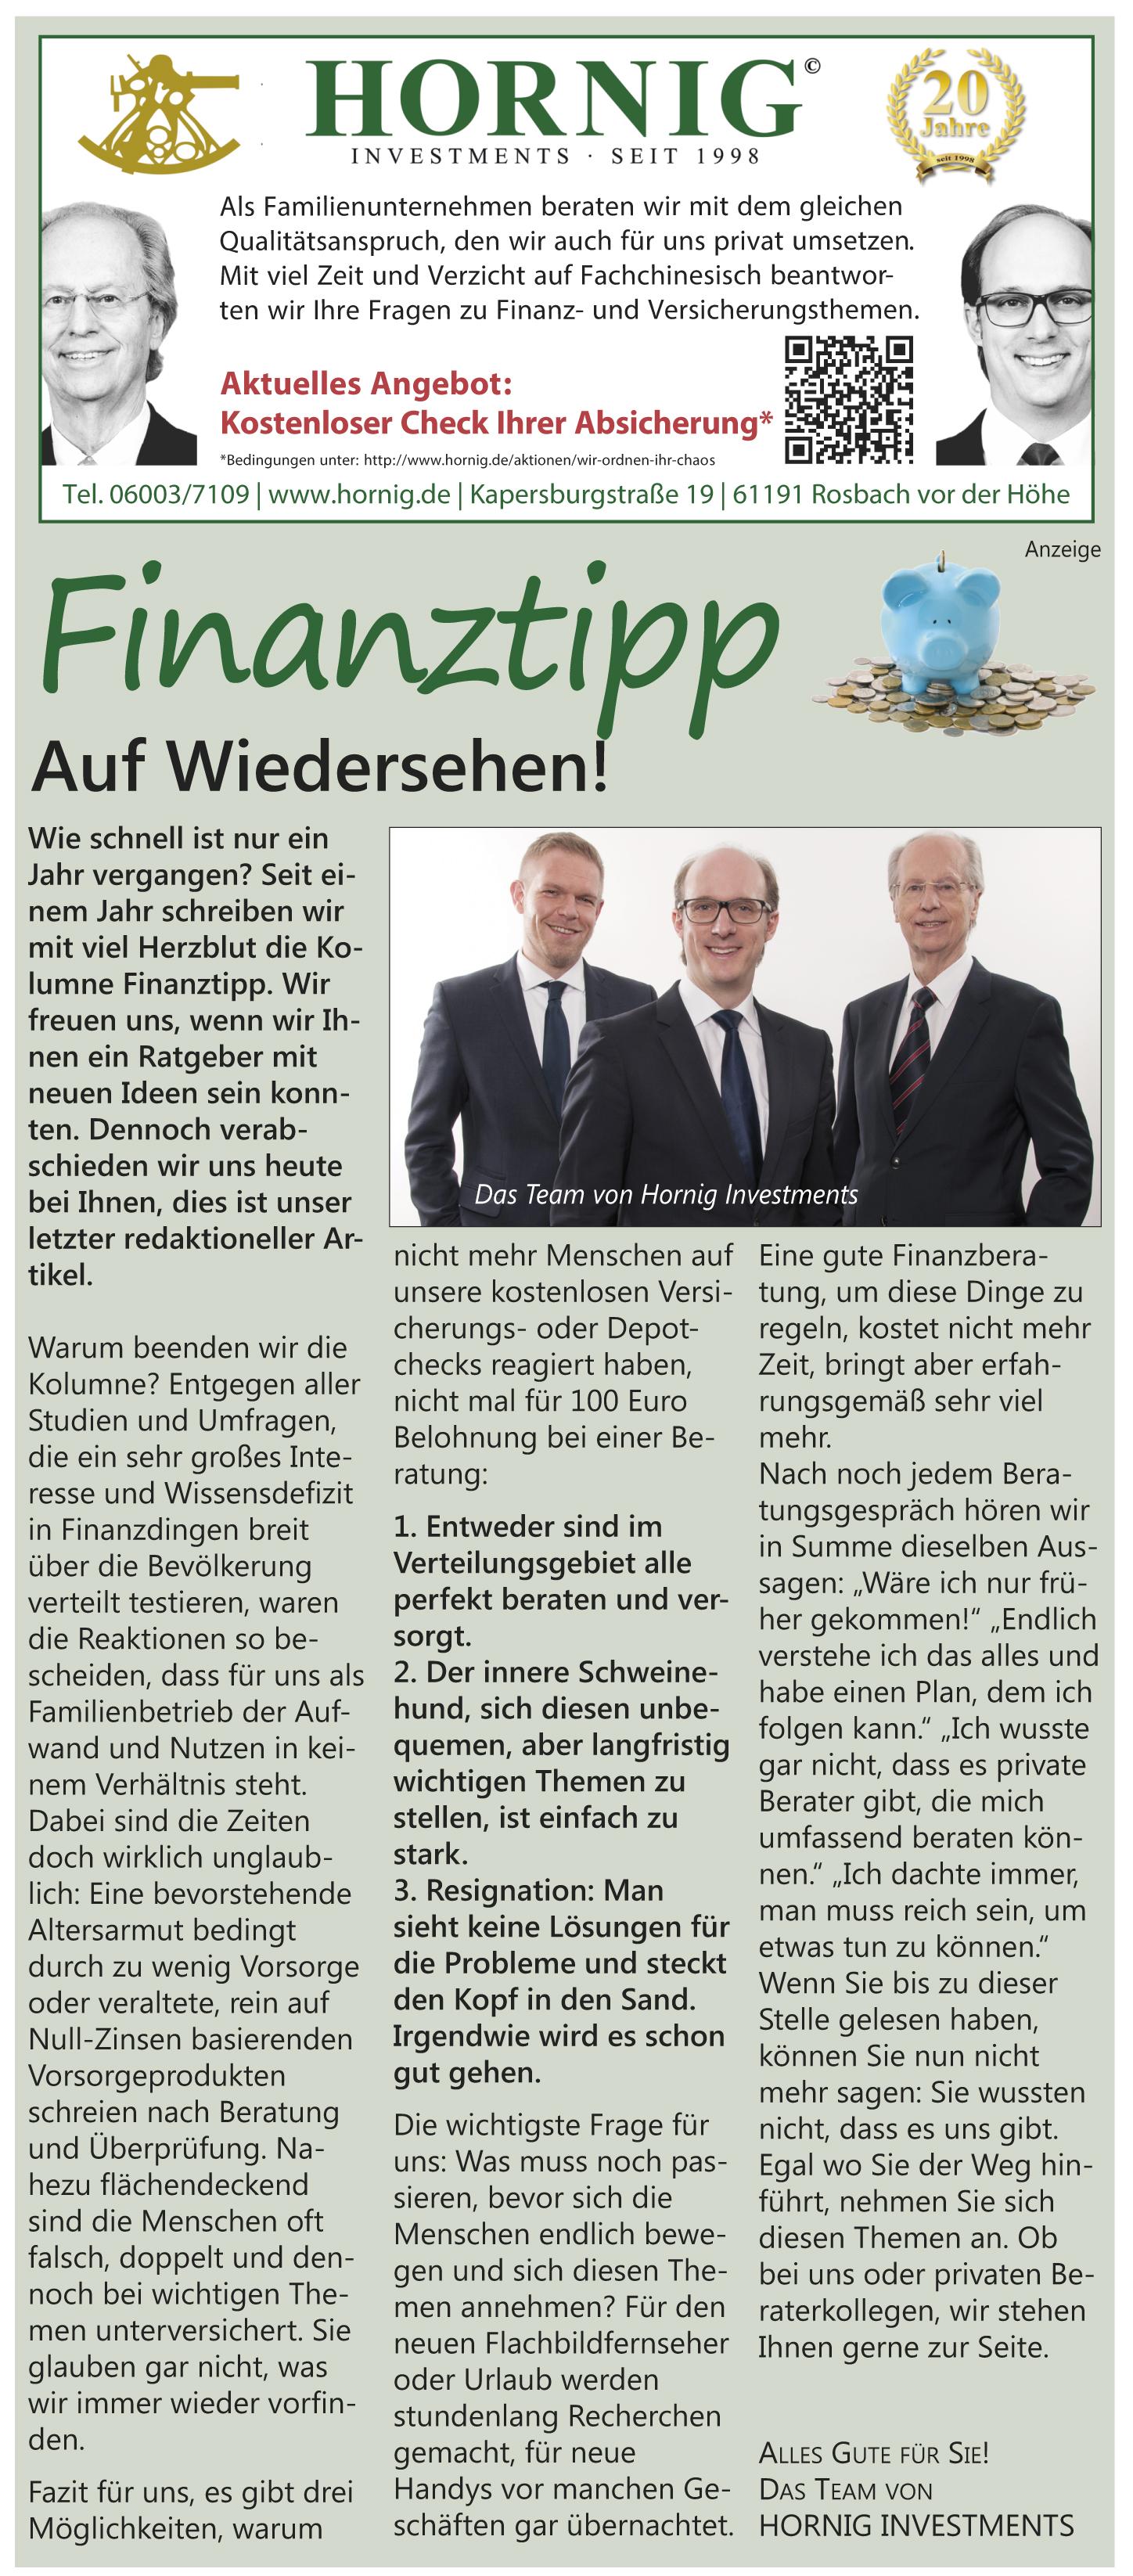 Quelle: Verlag-Stadtjournal GmbH www.verlag-stadtjournal.de